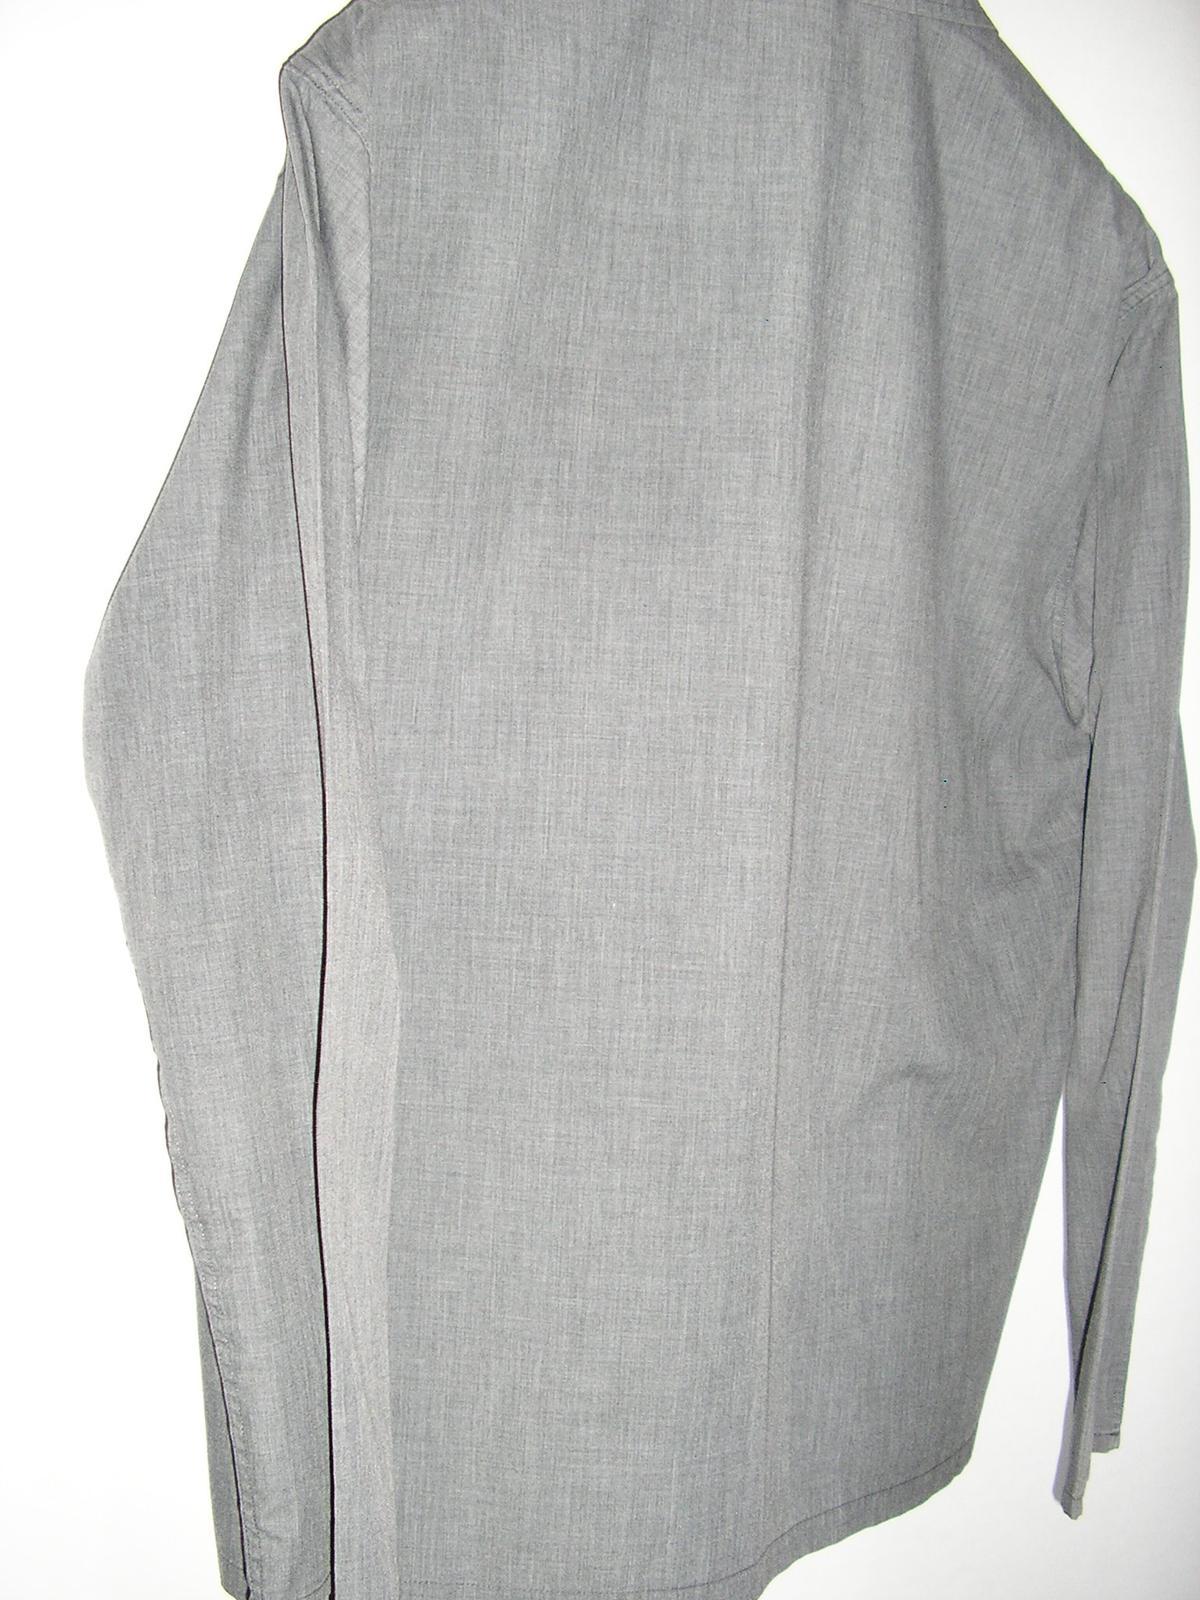 475. Pánska košeľa                           - Obrázok č. 3